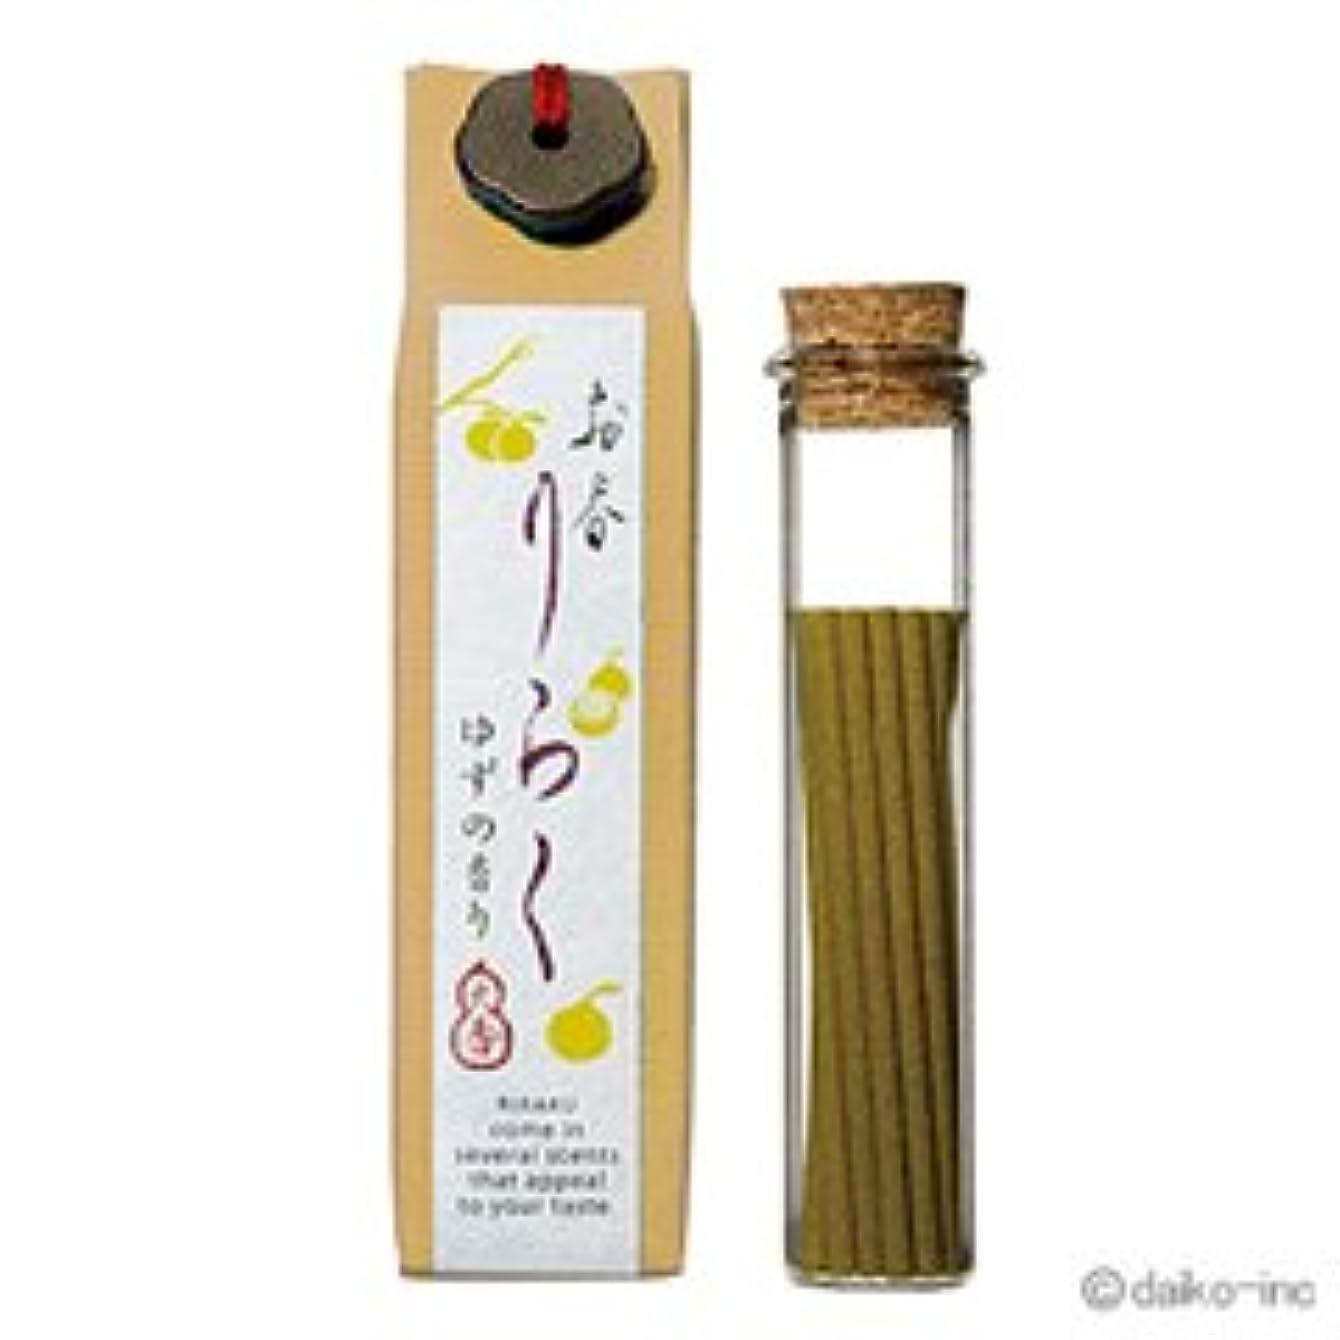 レオナルドダコンセンサス促進する【大香】お香 りらく ゆず 15本入